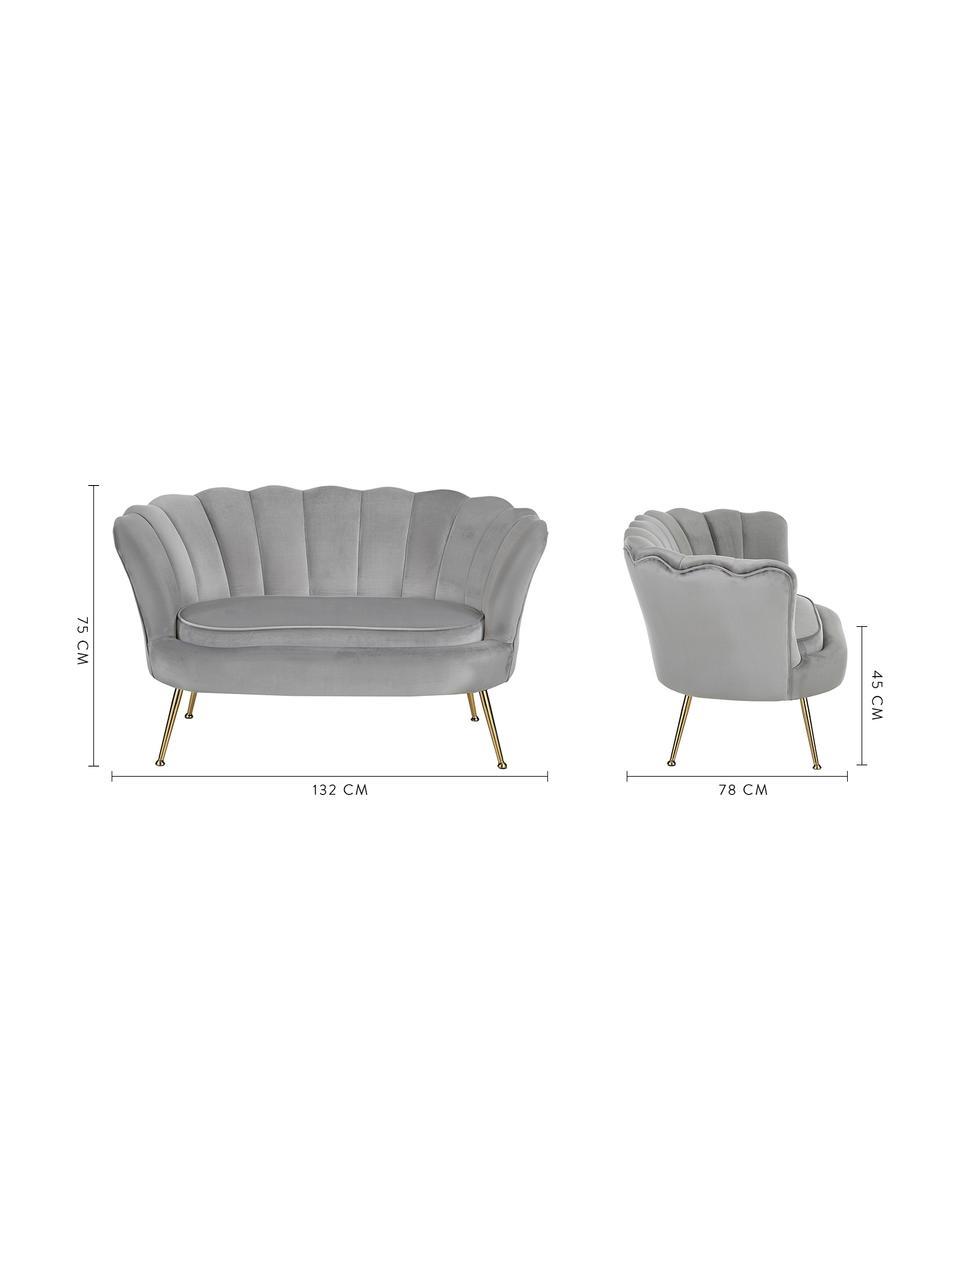 Fluwelen bank Oyster (2-zits) in grijs met metalen poten, Bekleding: fluweel (polyester), Frame: massief populierenhout, m, Poten: gegalvaniseerd metaal, Fluweel grijs, B 131 x D 78 cm